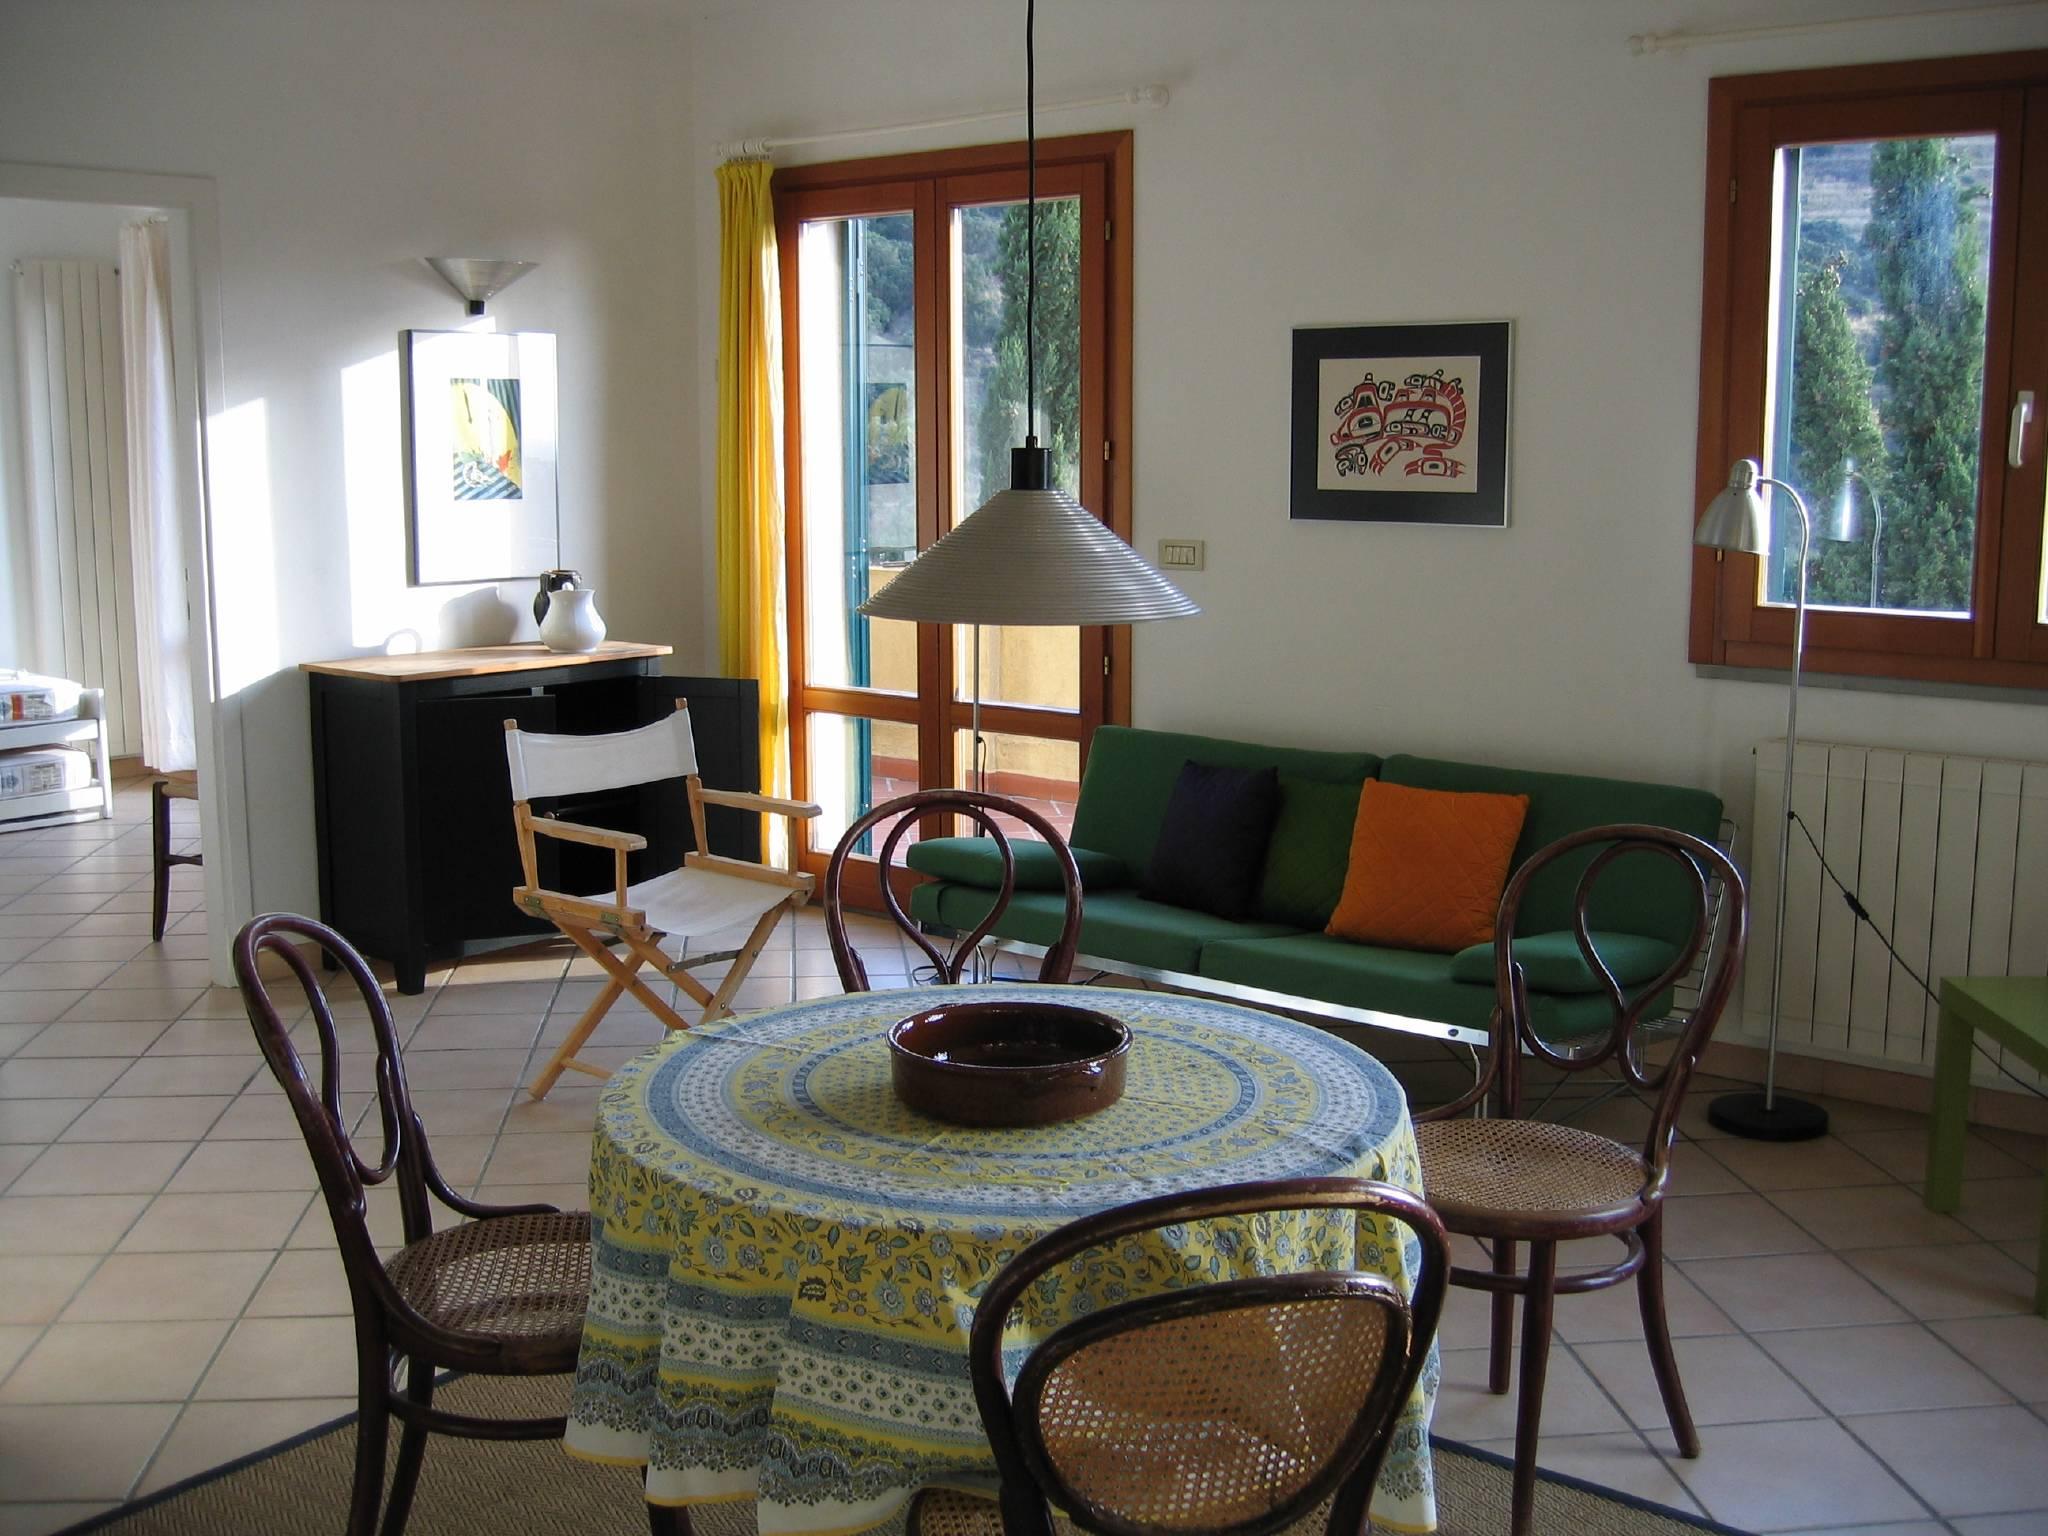 Wohnung Sole Schlafzimmer 2